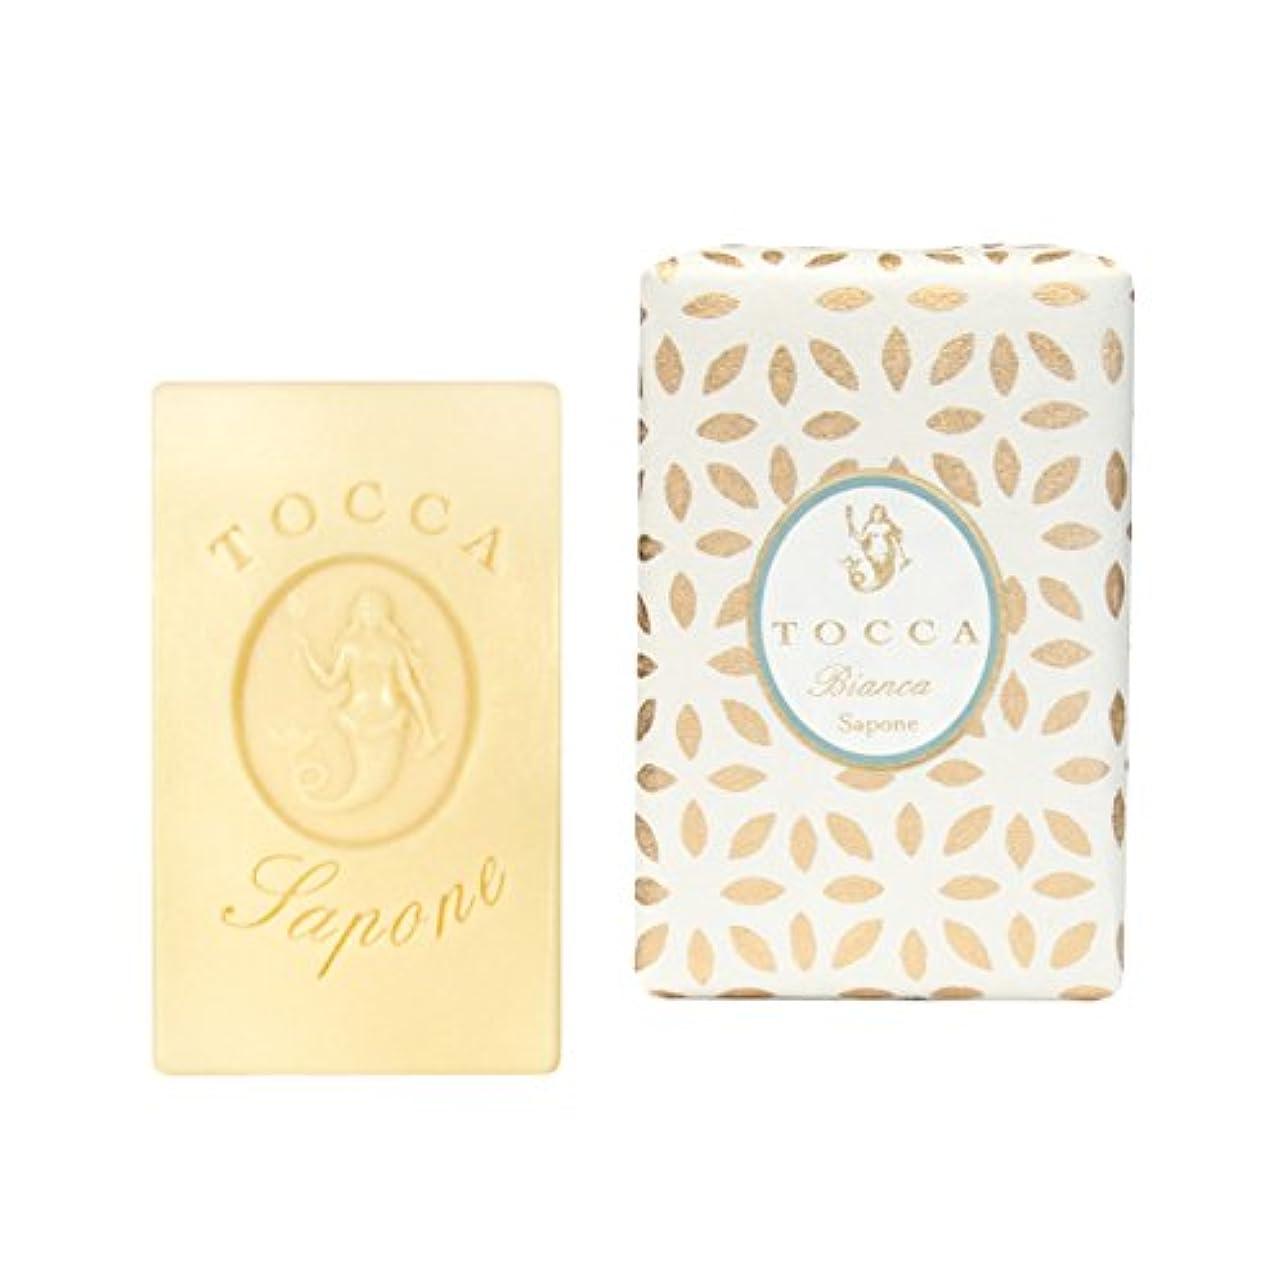 使役フェンスワーディアンケーストッカ(TOCCA) ソープバー ビアンカの香り 113g(化粧石けん シトラスとグリーンティー、ローズが絶妙に溶け合ったほのかに甘さ漂うフレッシュな香り)